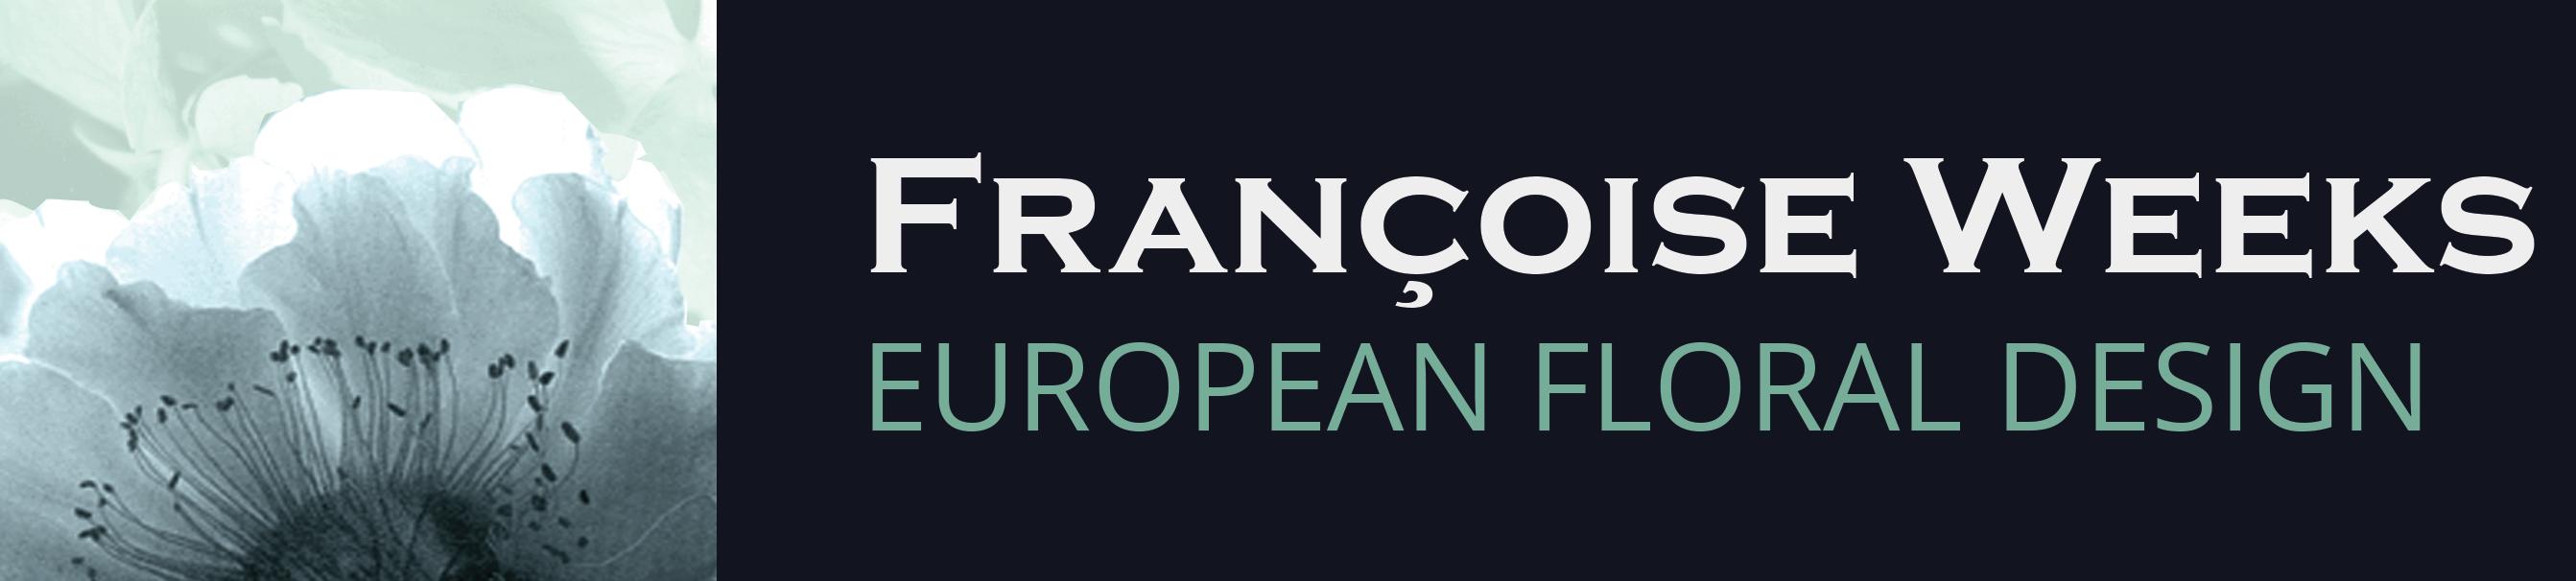 francoiseweeks Logo